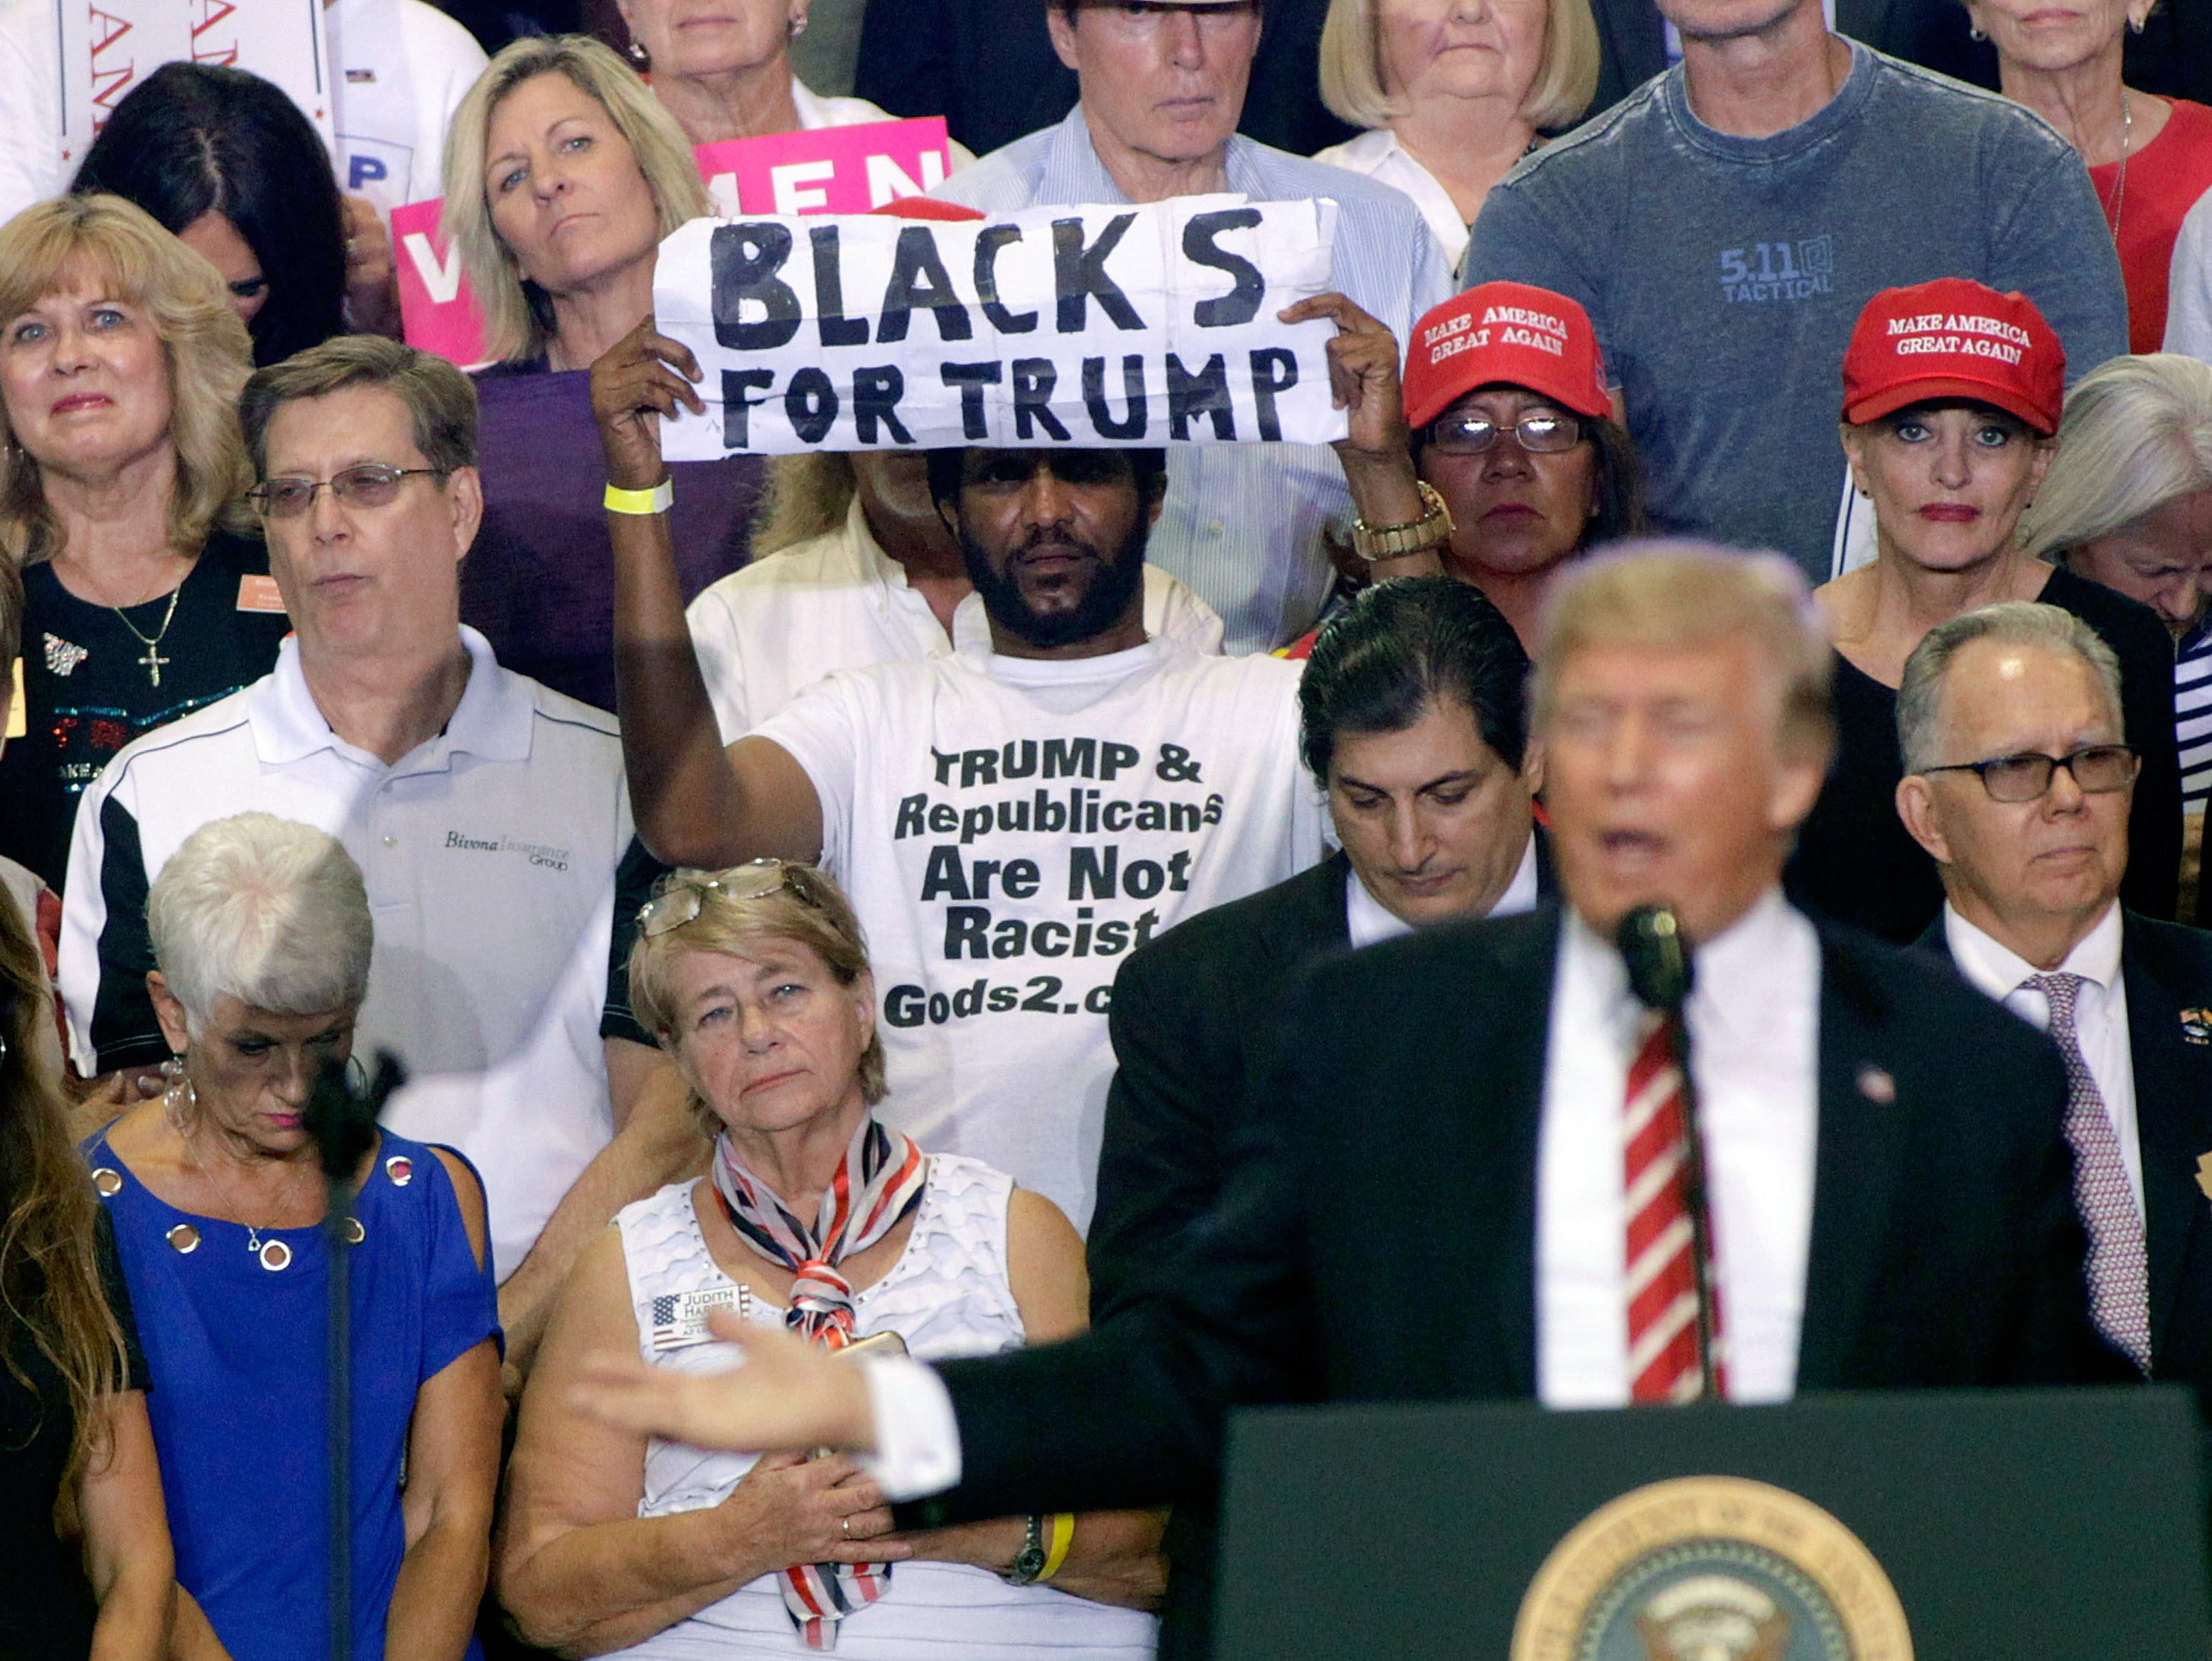 blacks for trump.jpg